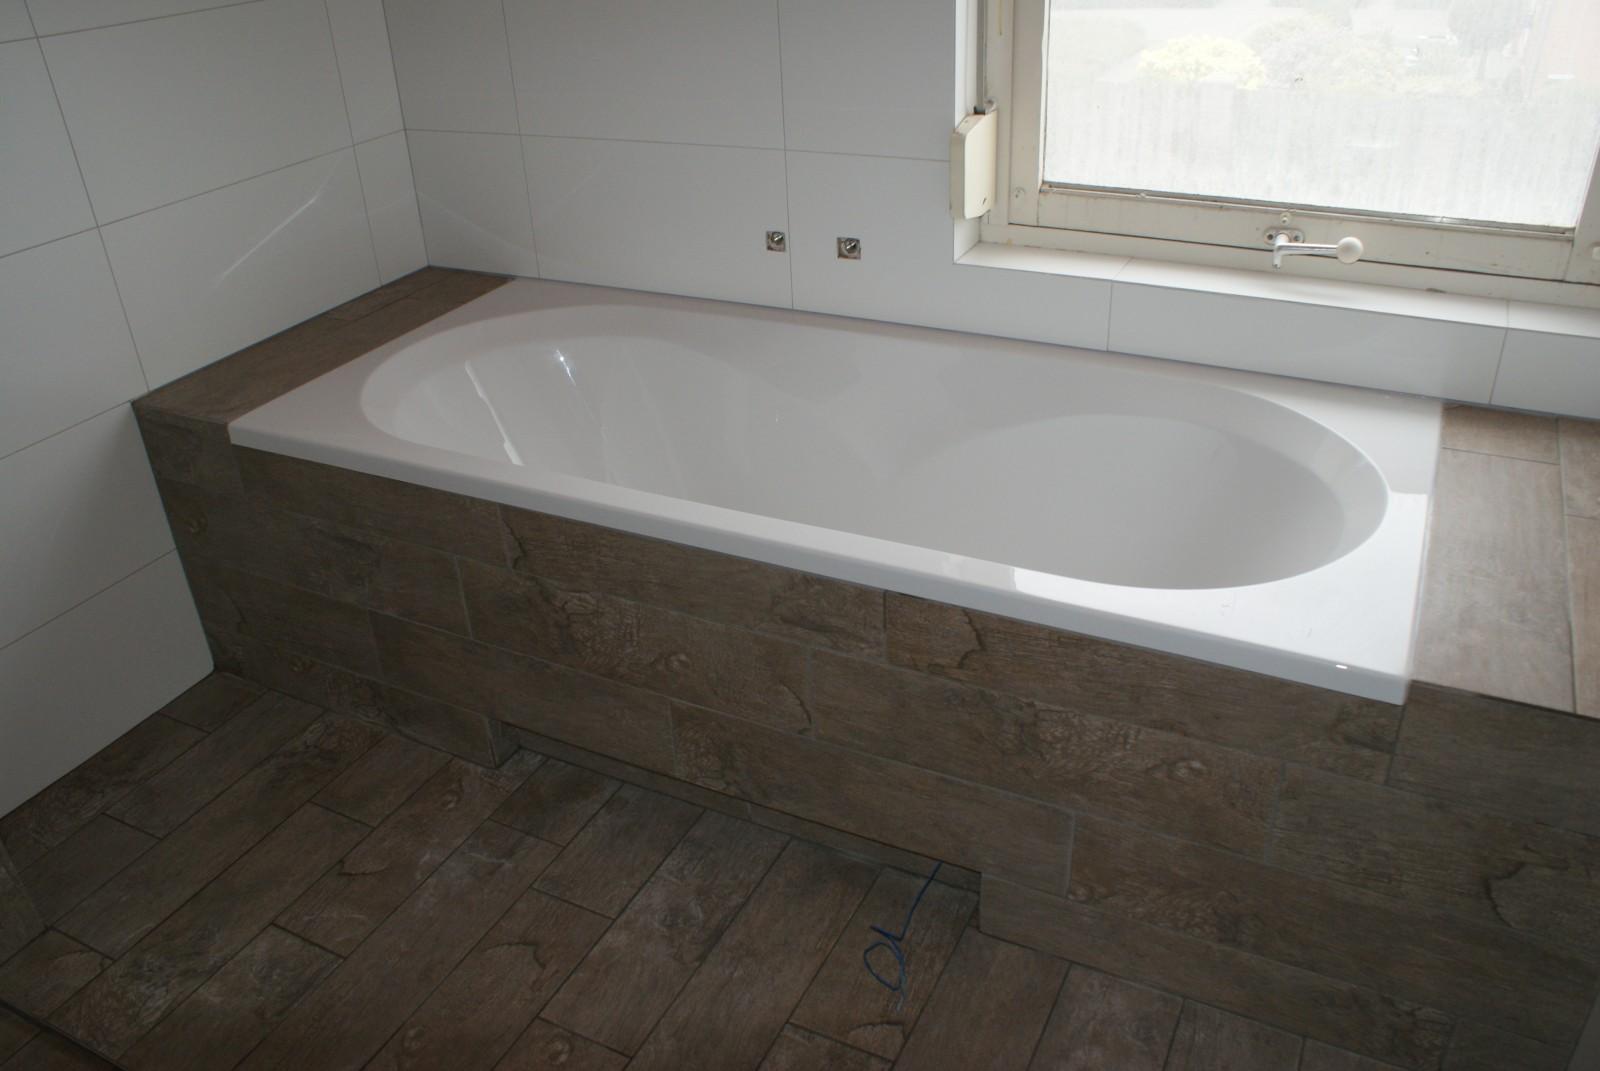 Badkamer Renovatie Deurne : Badkamer renoveren een nieuwe badkamer door johan lenssen